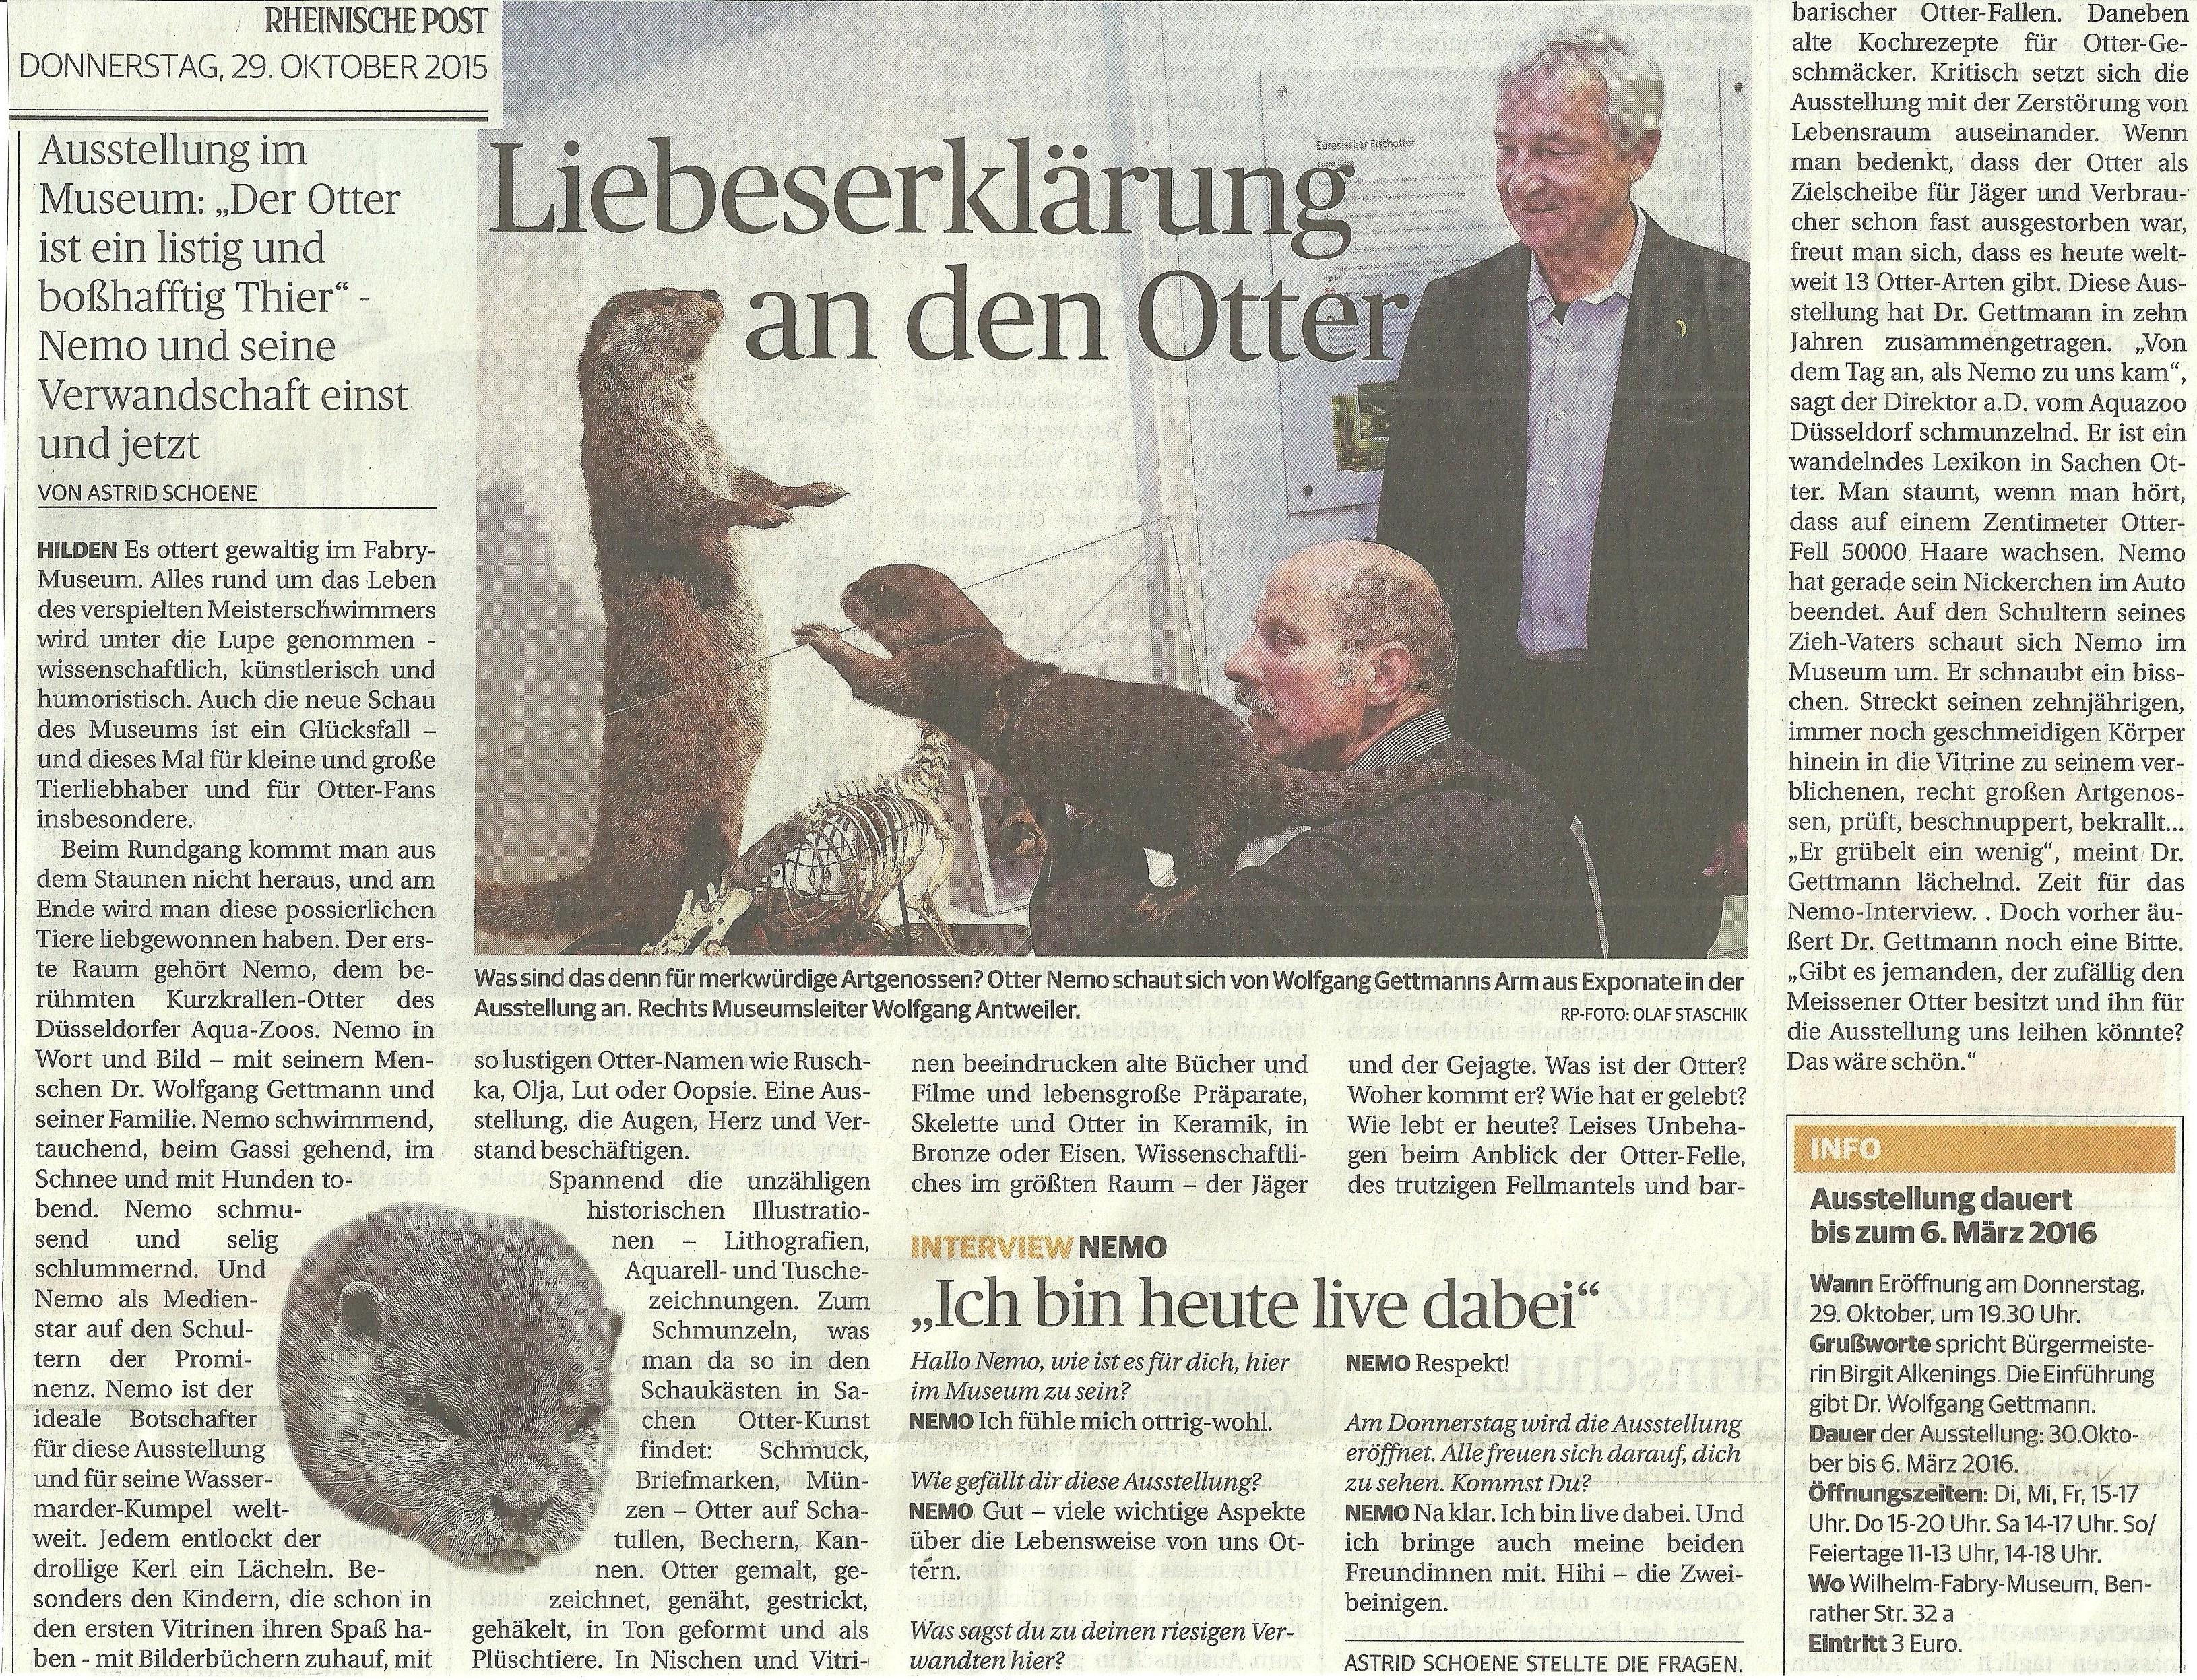 Fischotter-Ausstellung – wolfgang-gettmann.de